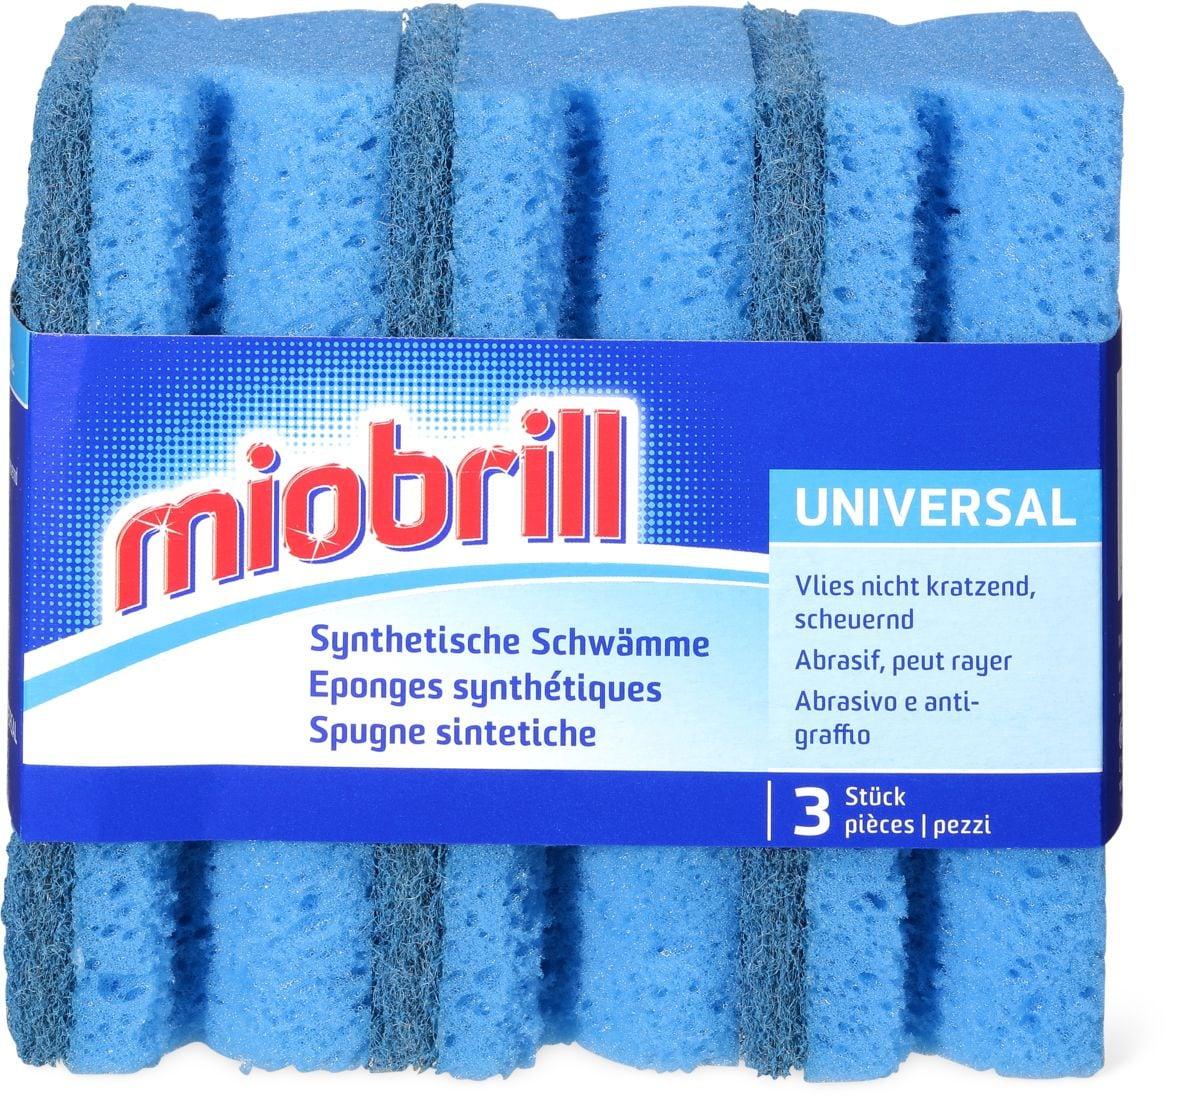 Miobrill Universal spugne sintetica